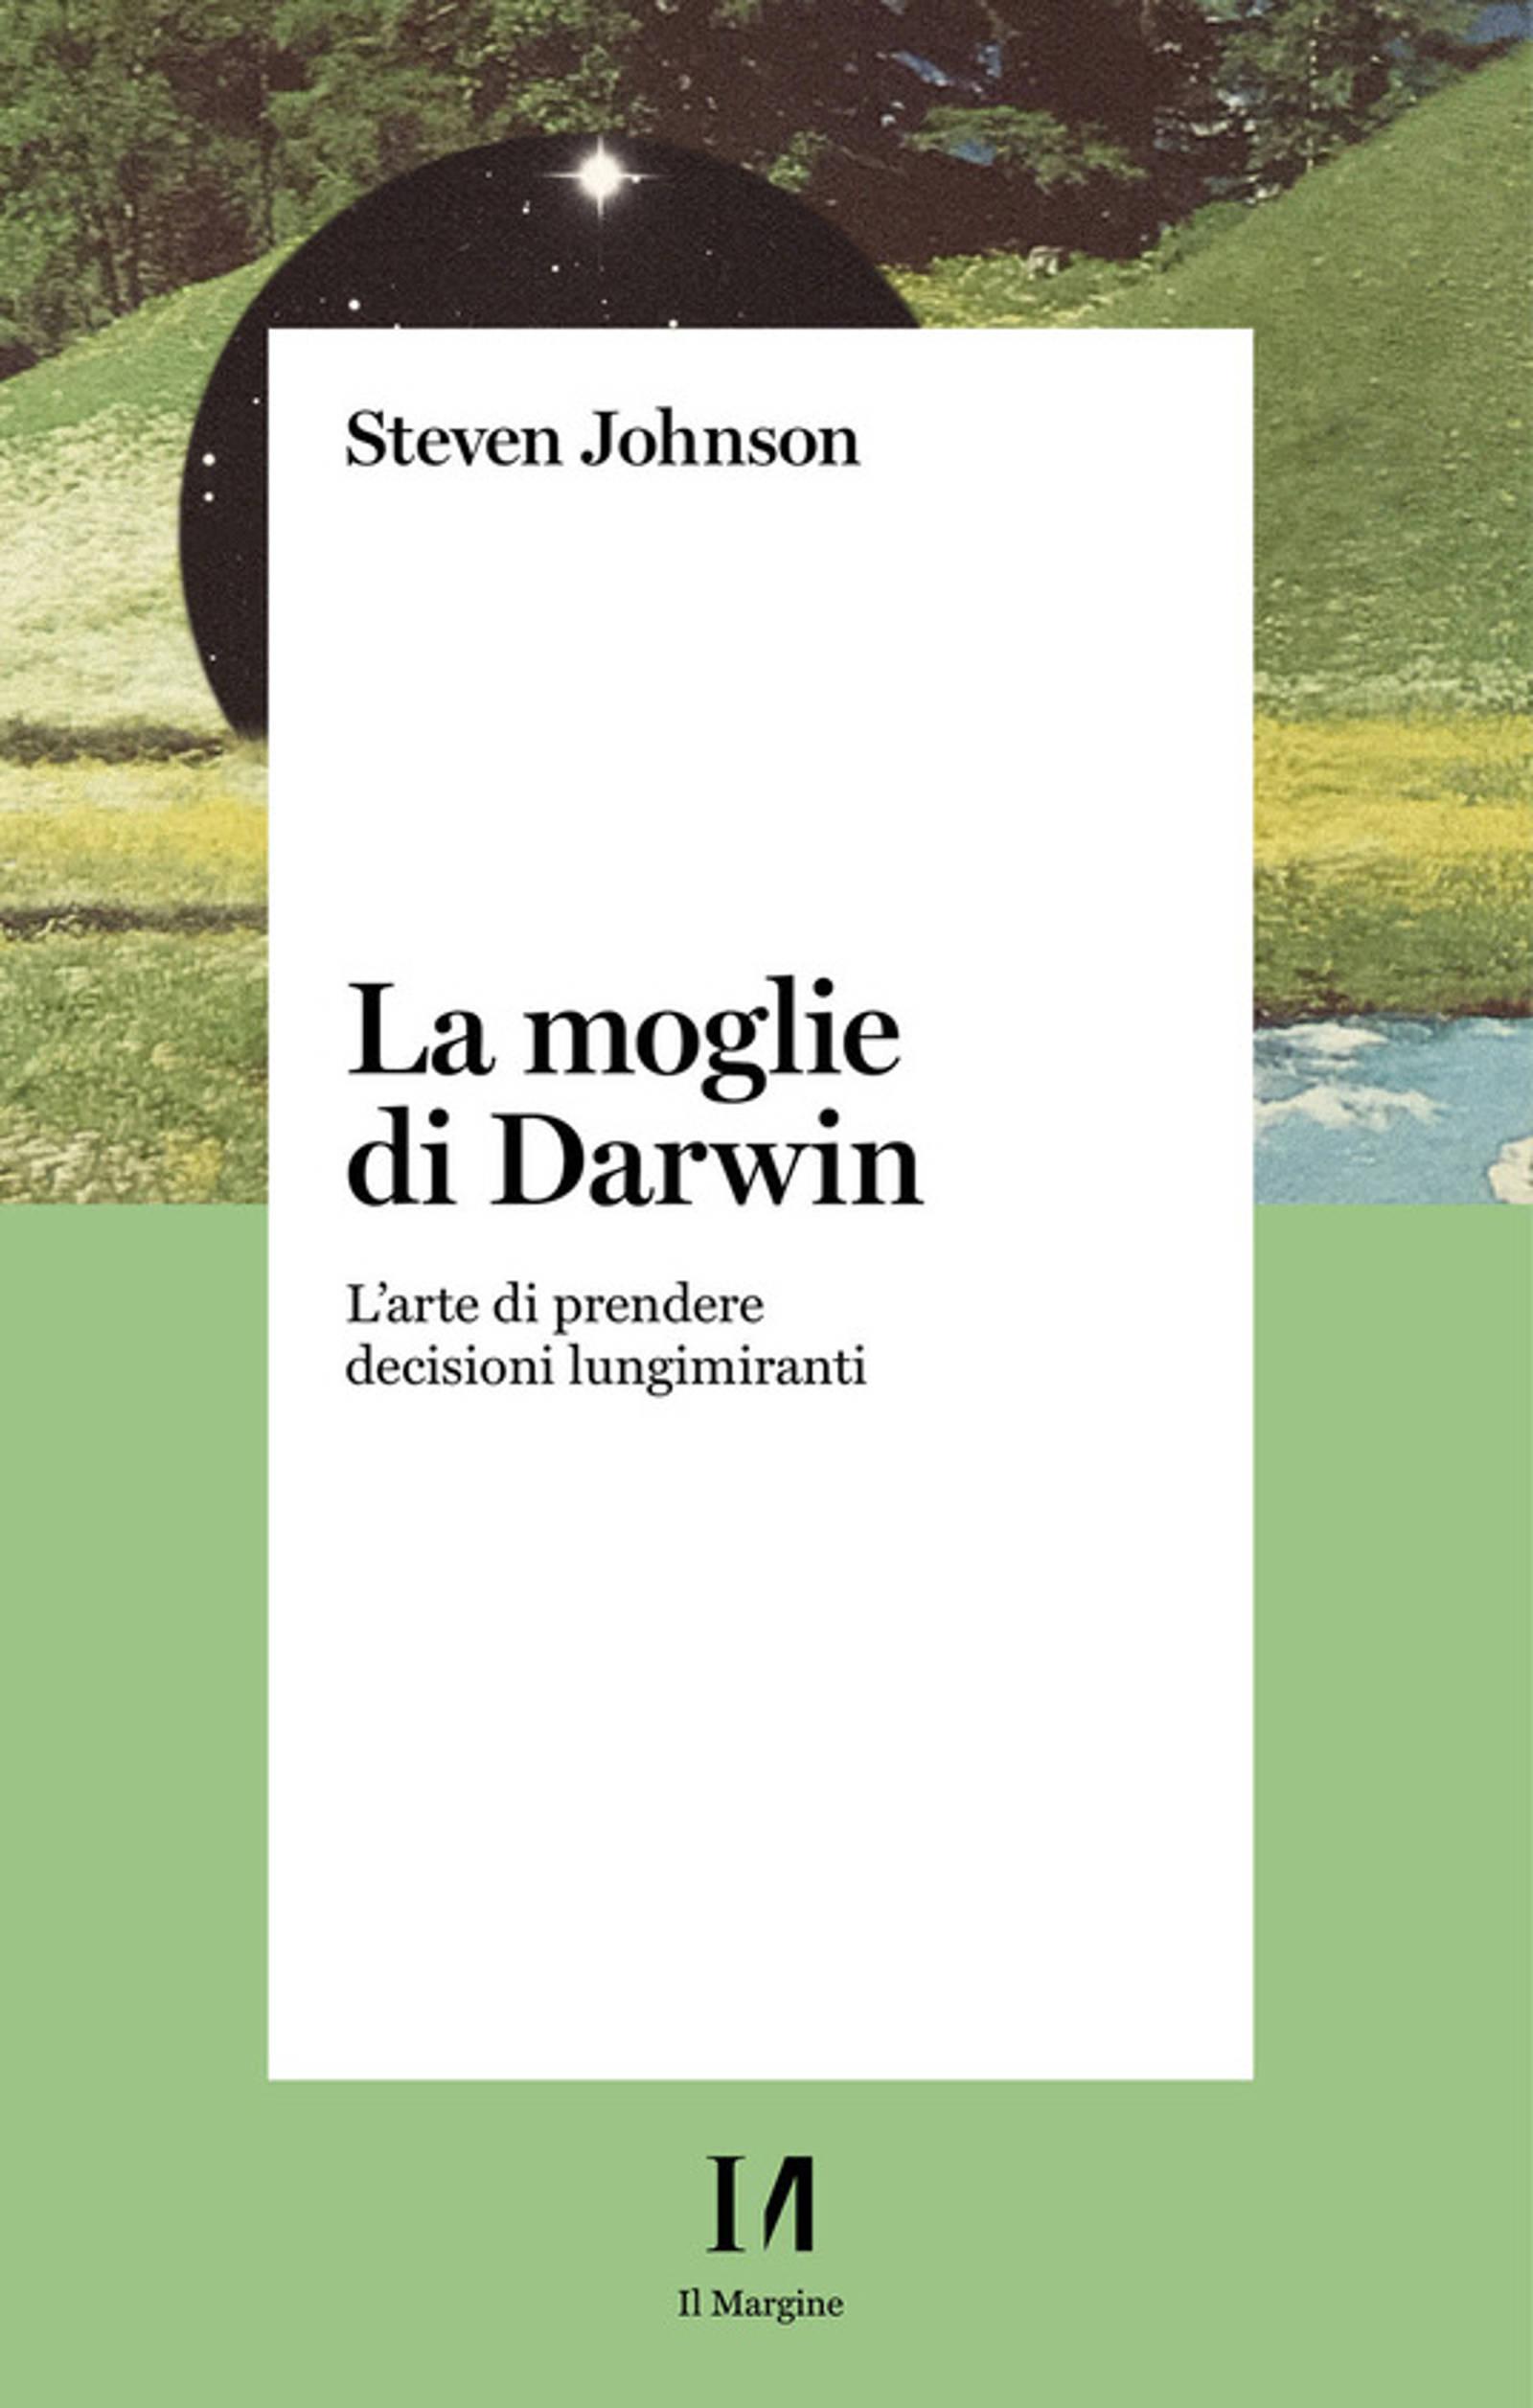 La moglie di Darwin -L'arte di prendere decisioni lungimiranti (2021) di Steven Johnson – Recensione